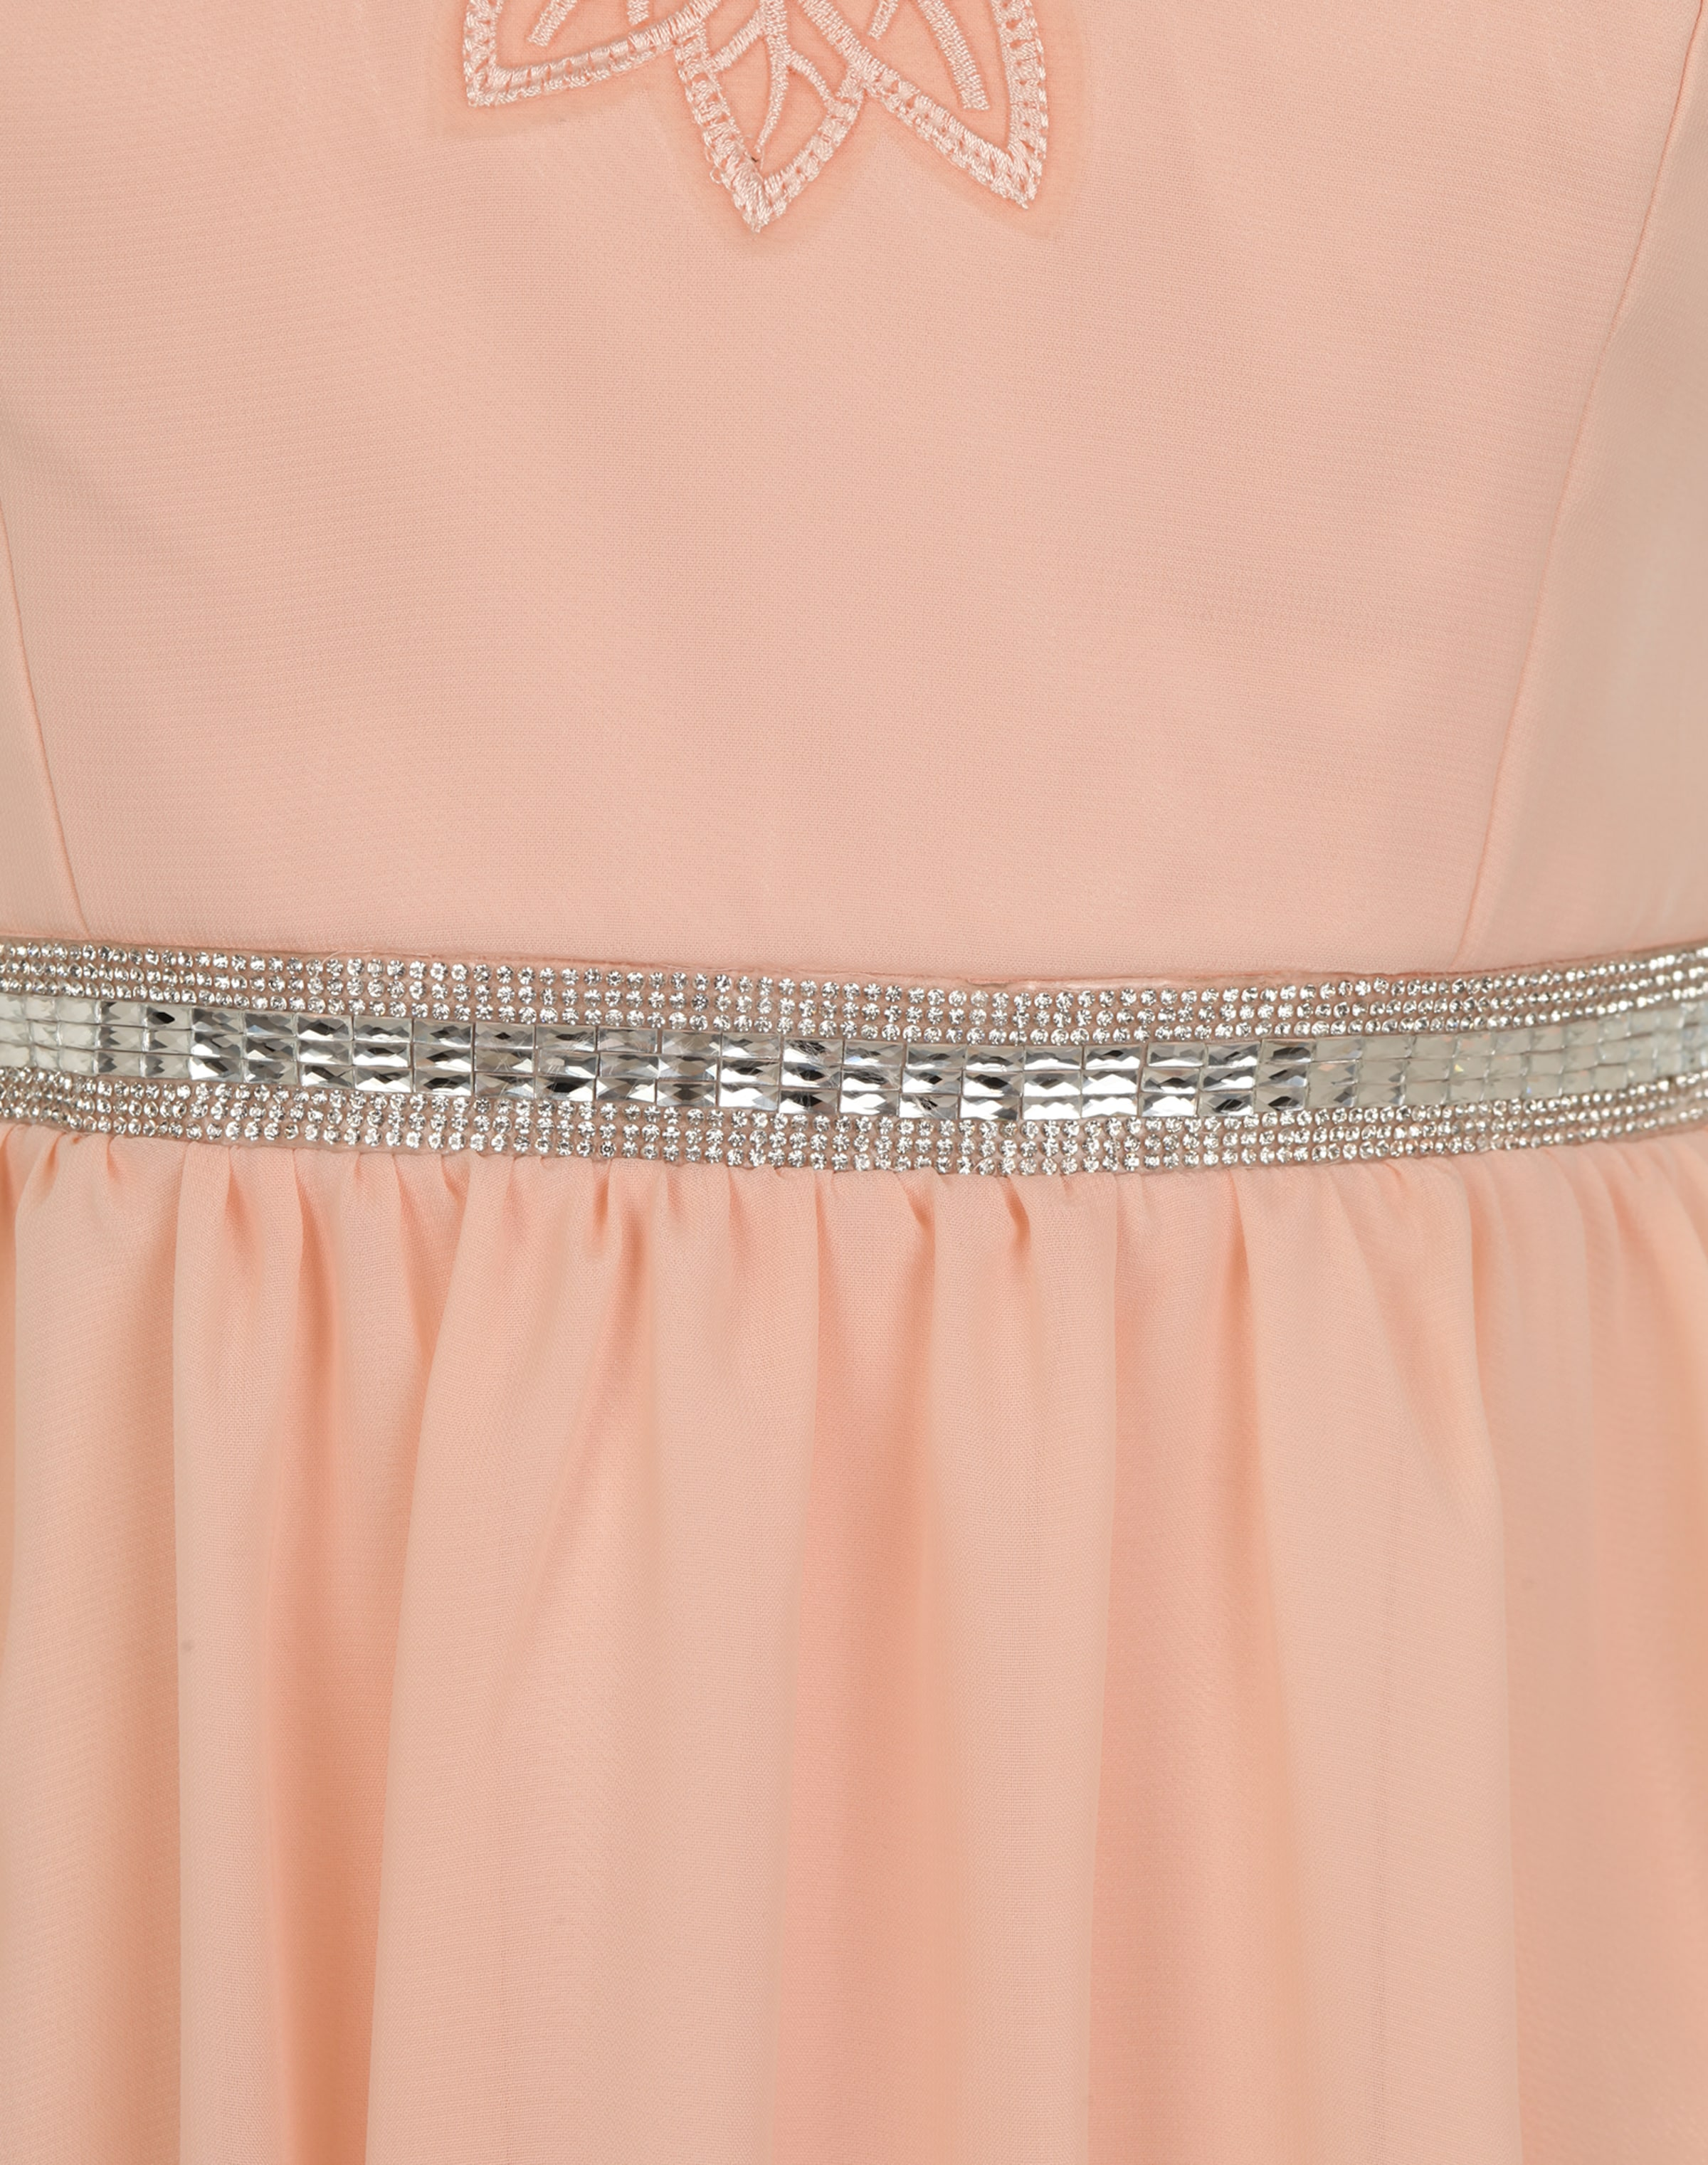 SUDDENLY princess Cocktailkleid mit transparentem Einsatz Auslass Neue Ankunft Kaufen Günstigen Preis 2018 Schnelle Lieferung Verkauf Online 12lTEJ